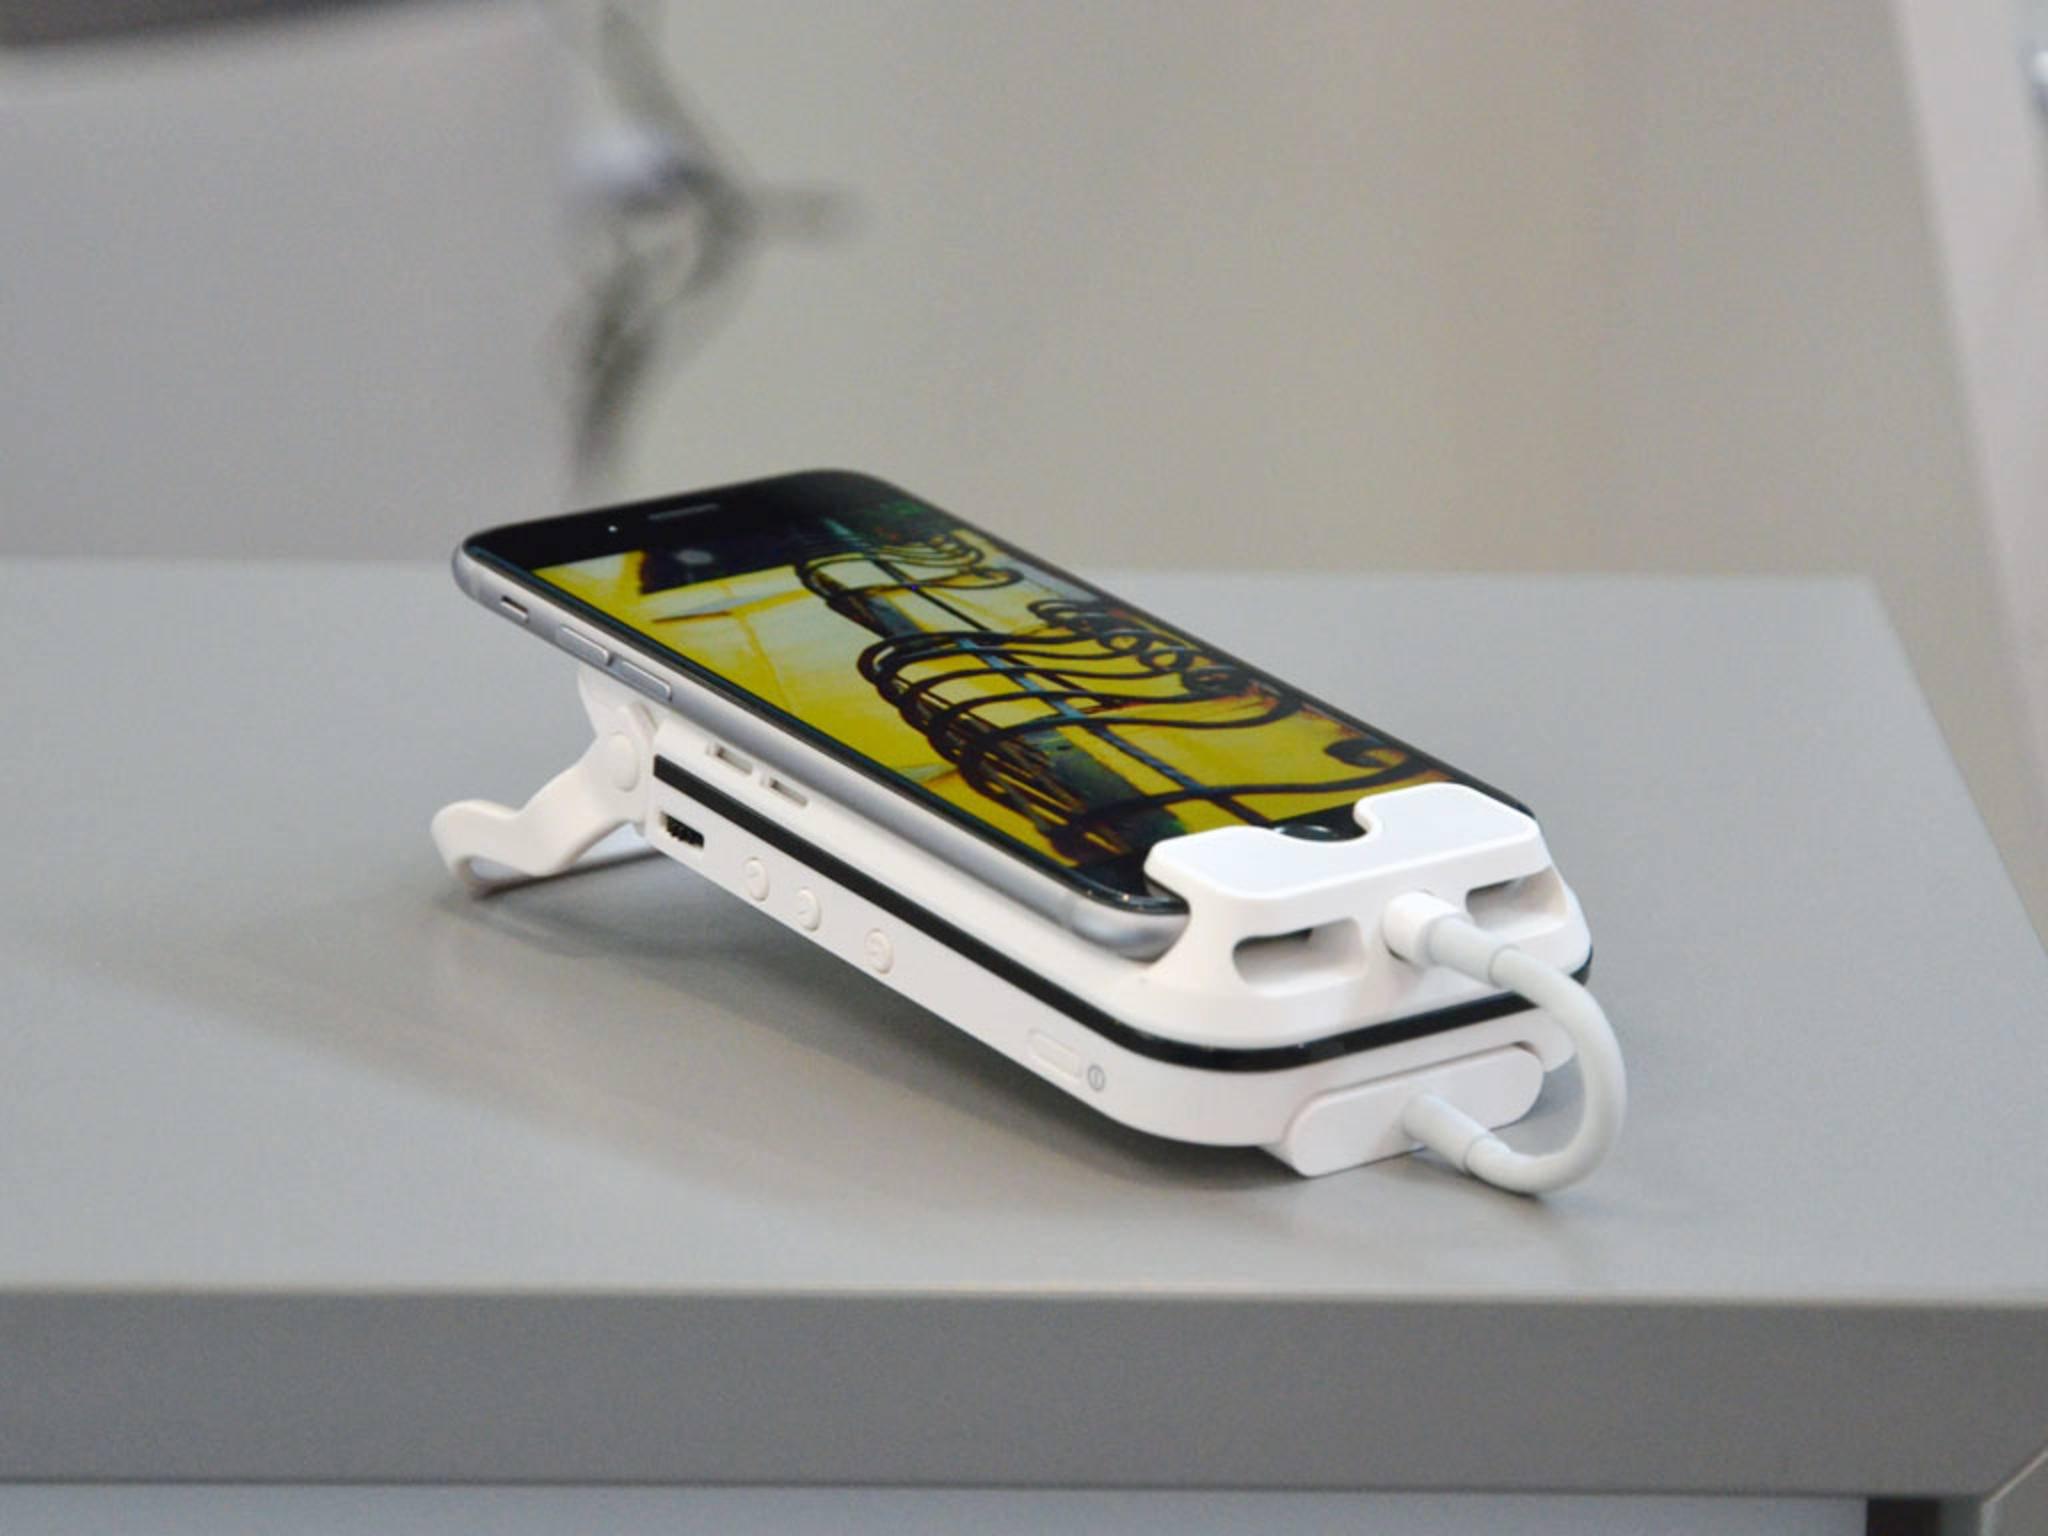 Der iPhone 6s-Beamer Aiptek i60 ist kompakt und bietet ein scharfes Bild.